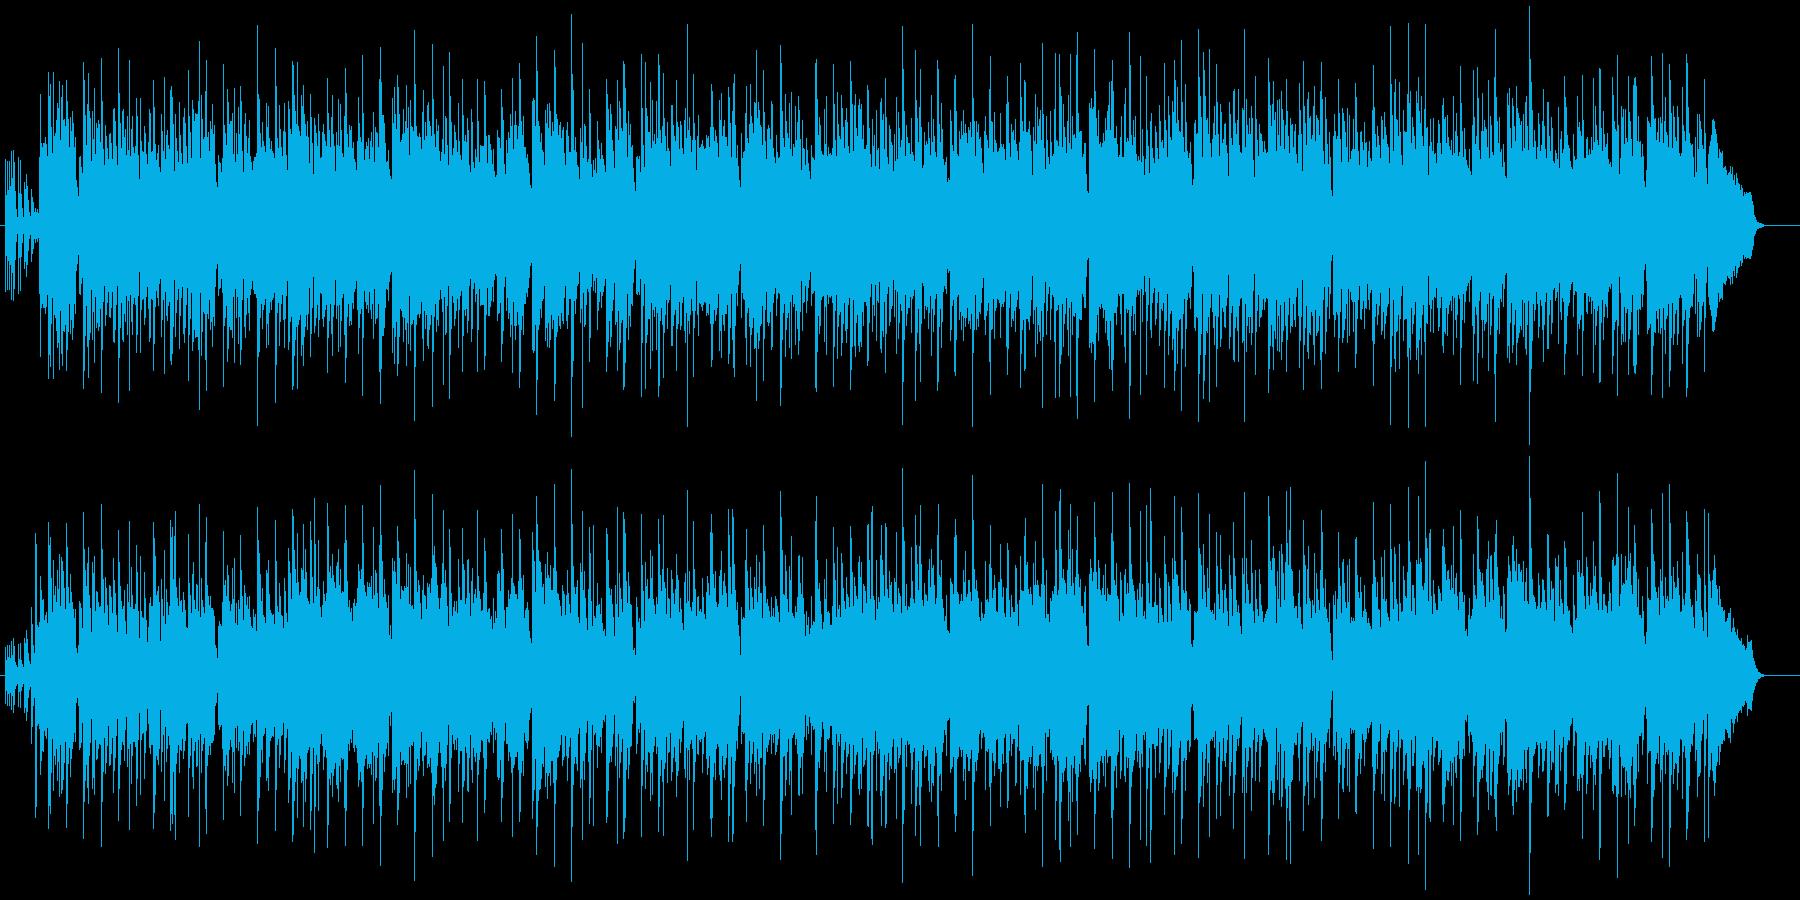 秋 童謡 どんぐりころころ キッズレゲエの再生済みの波形